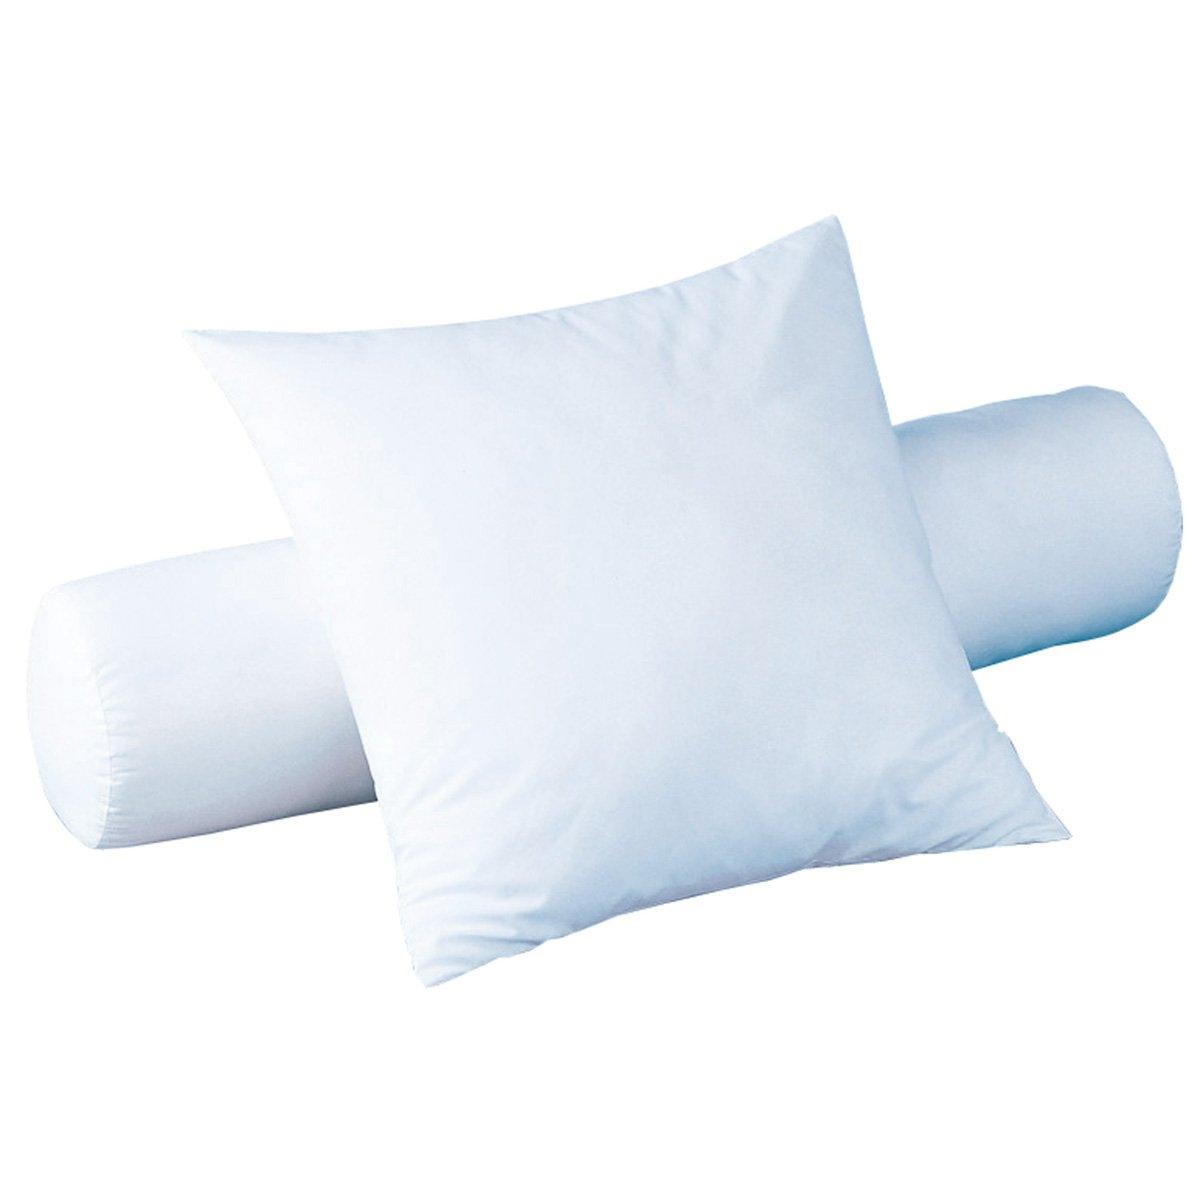 Валик из синтетикиКоллекция PRATIQUE от R?VERIE. Наполнитель: полые силиконизированные волокна полиэстера принимают форму головы для максимального комфорта. Чехол из микрофибры, 100% полиэстера. Практично: стирка при 95° для идеальной гигиены. Размеры в см.<br><br>Цвет: белый<br>Размер: длина: 90 см